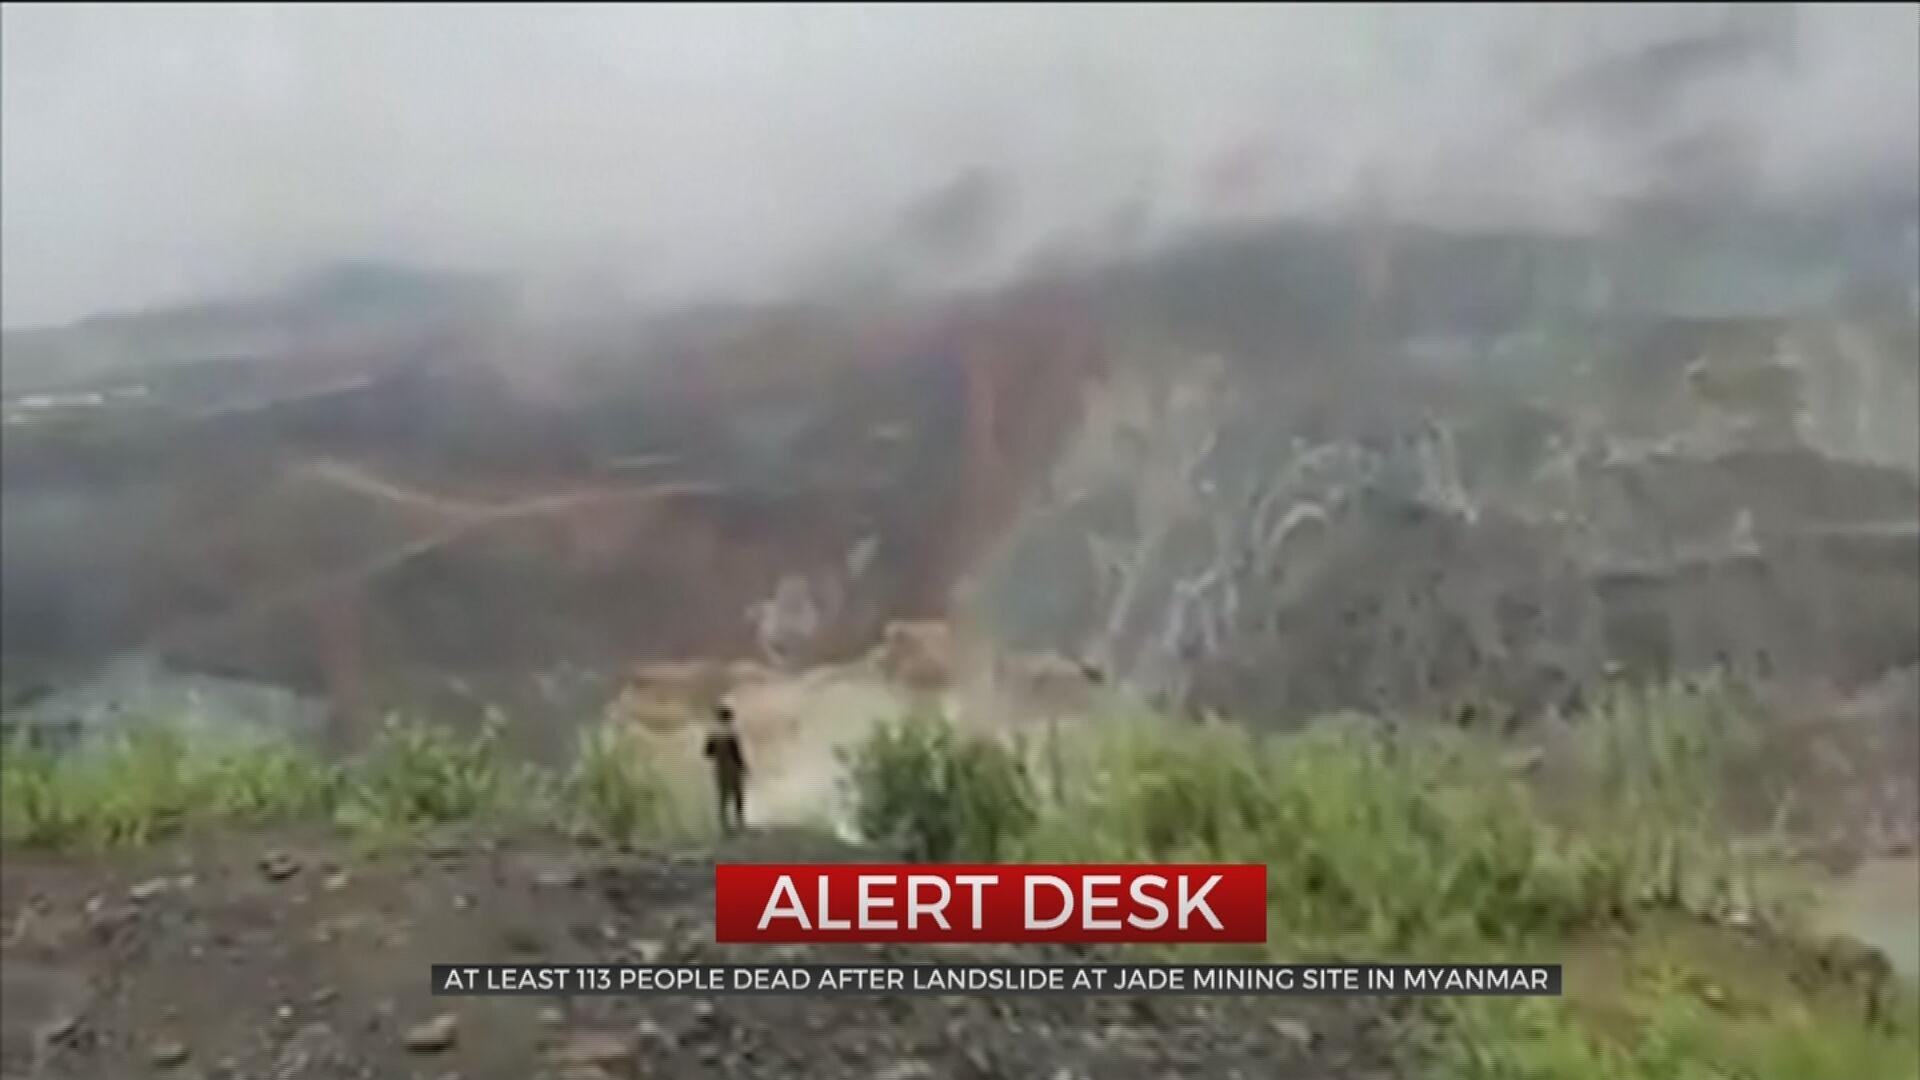 Landslide Kills More Than 100 In 'Dystopian Wasteland' Of Myanmar's Jade Mines